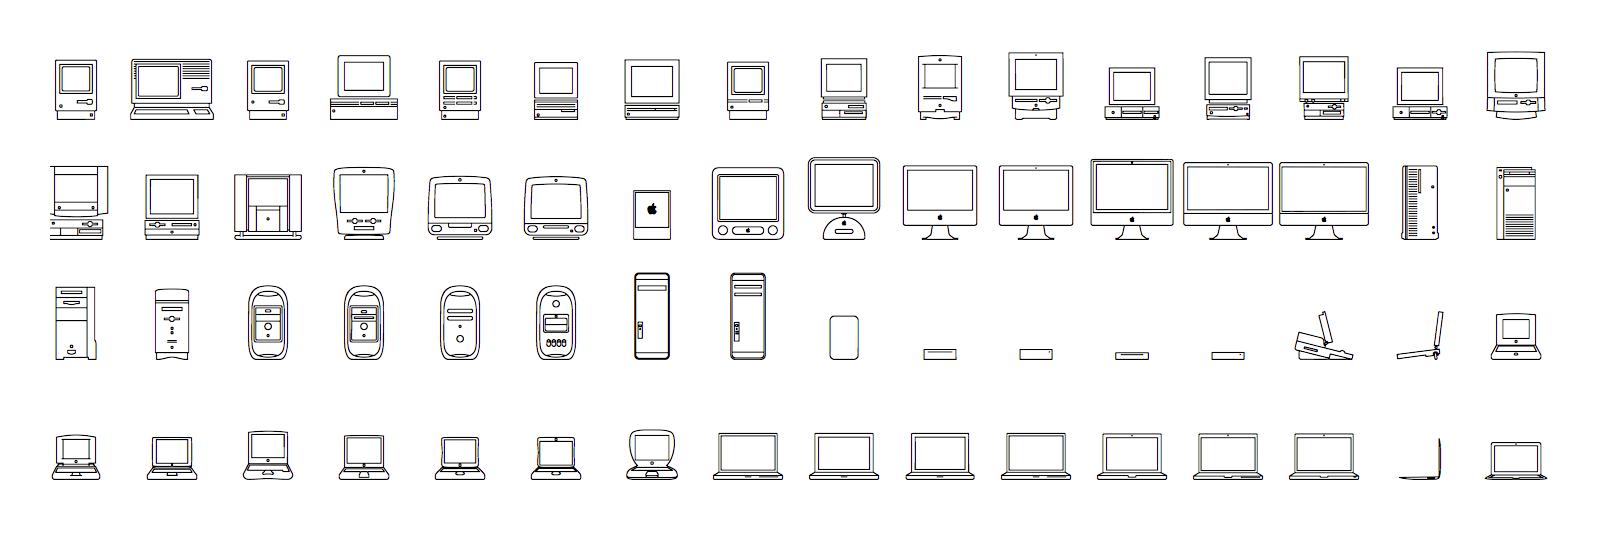 mac-font.png